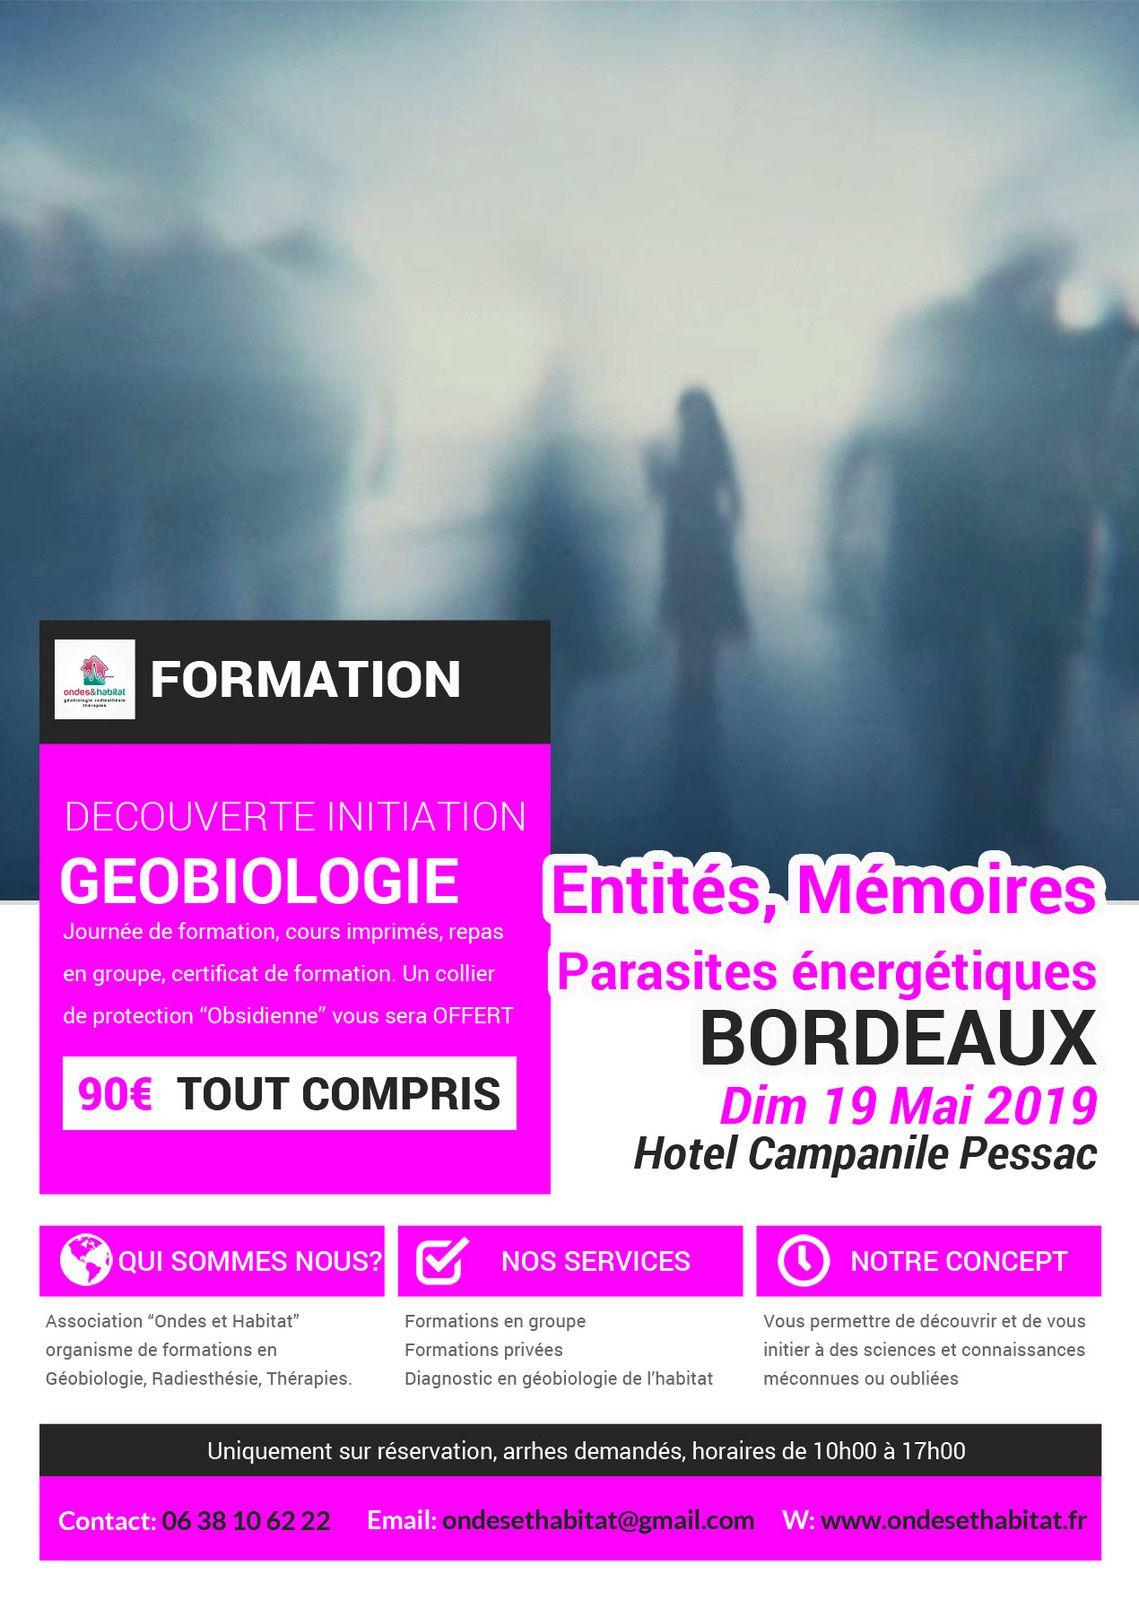 """BORDEAUX Formation Géobiologie & Thérapies : """"ENTITÉS, MEMOIRES & PARASITES ÉNERGÉTIQUES """" 19 mai 2019"""